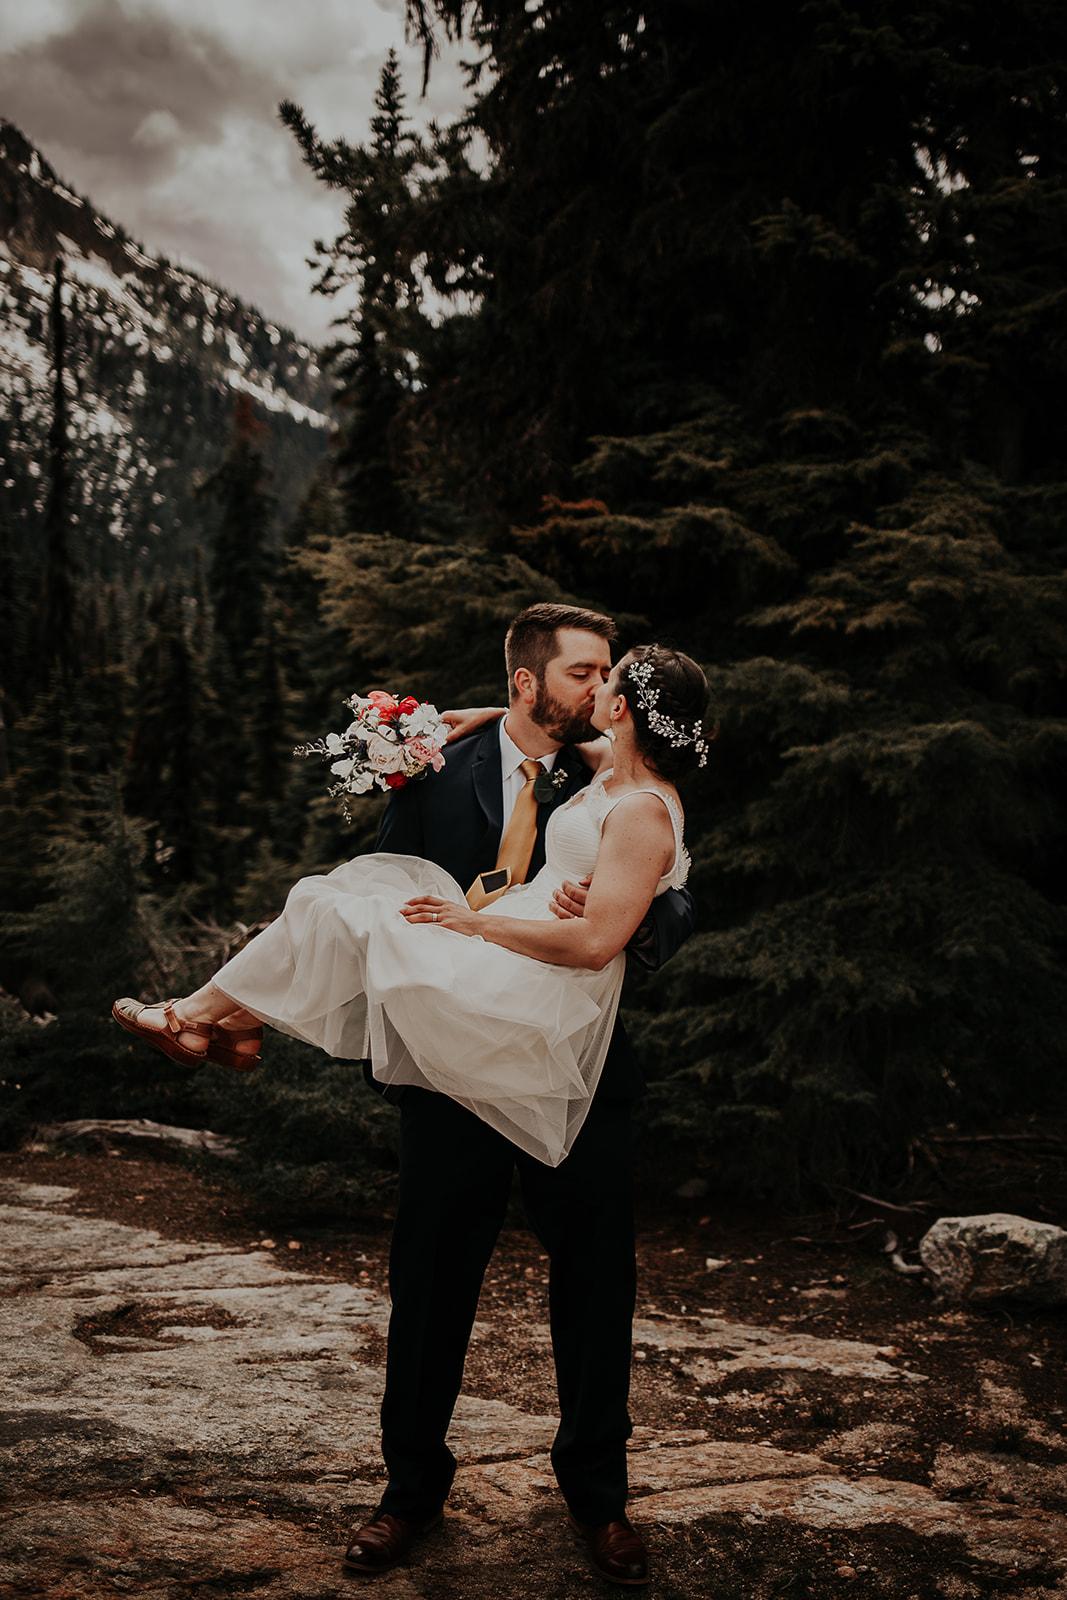 lisaandzack-north-cascades-elopement-wedding-megan-gallagher-photogarphy (18).jpg